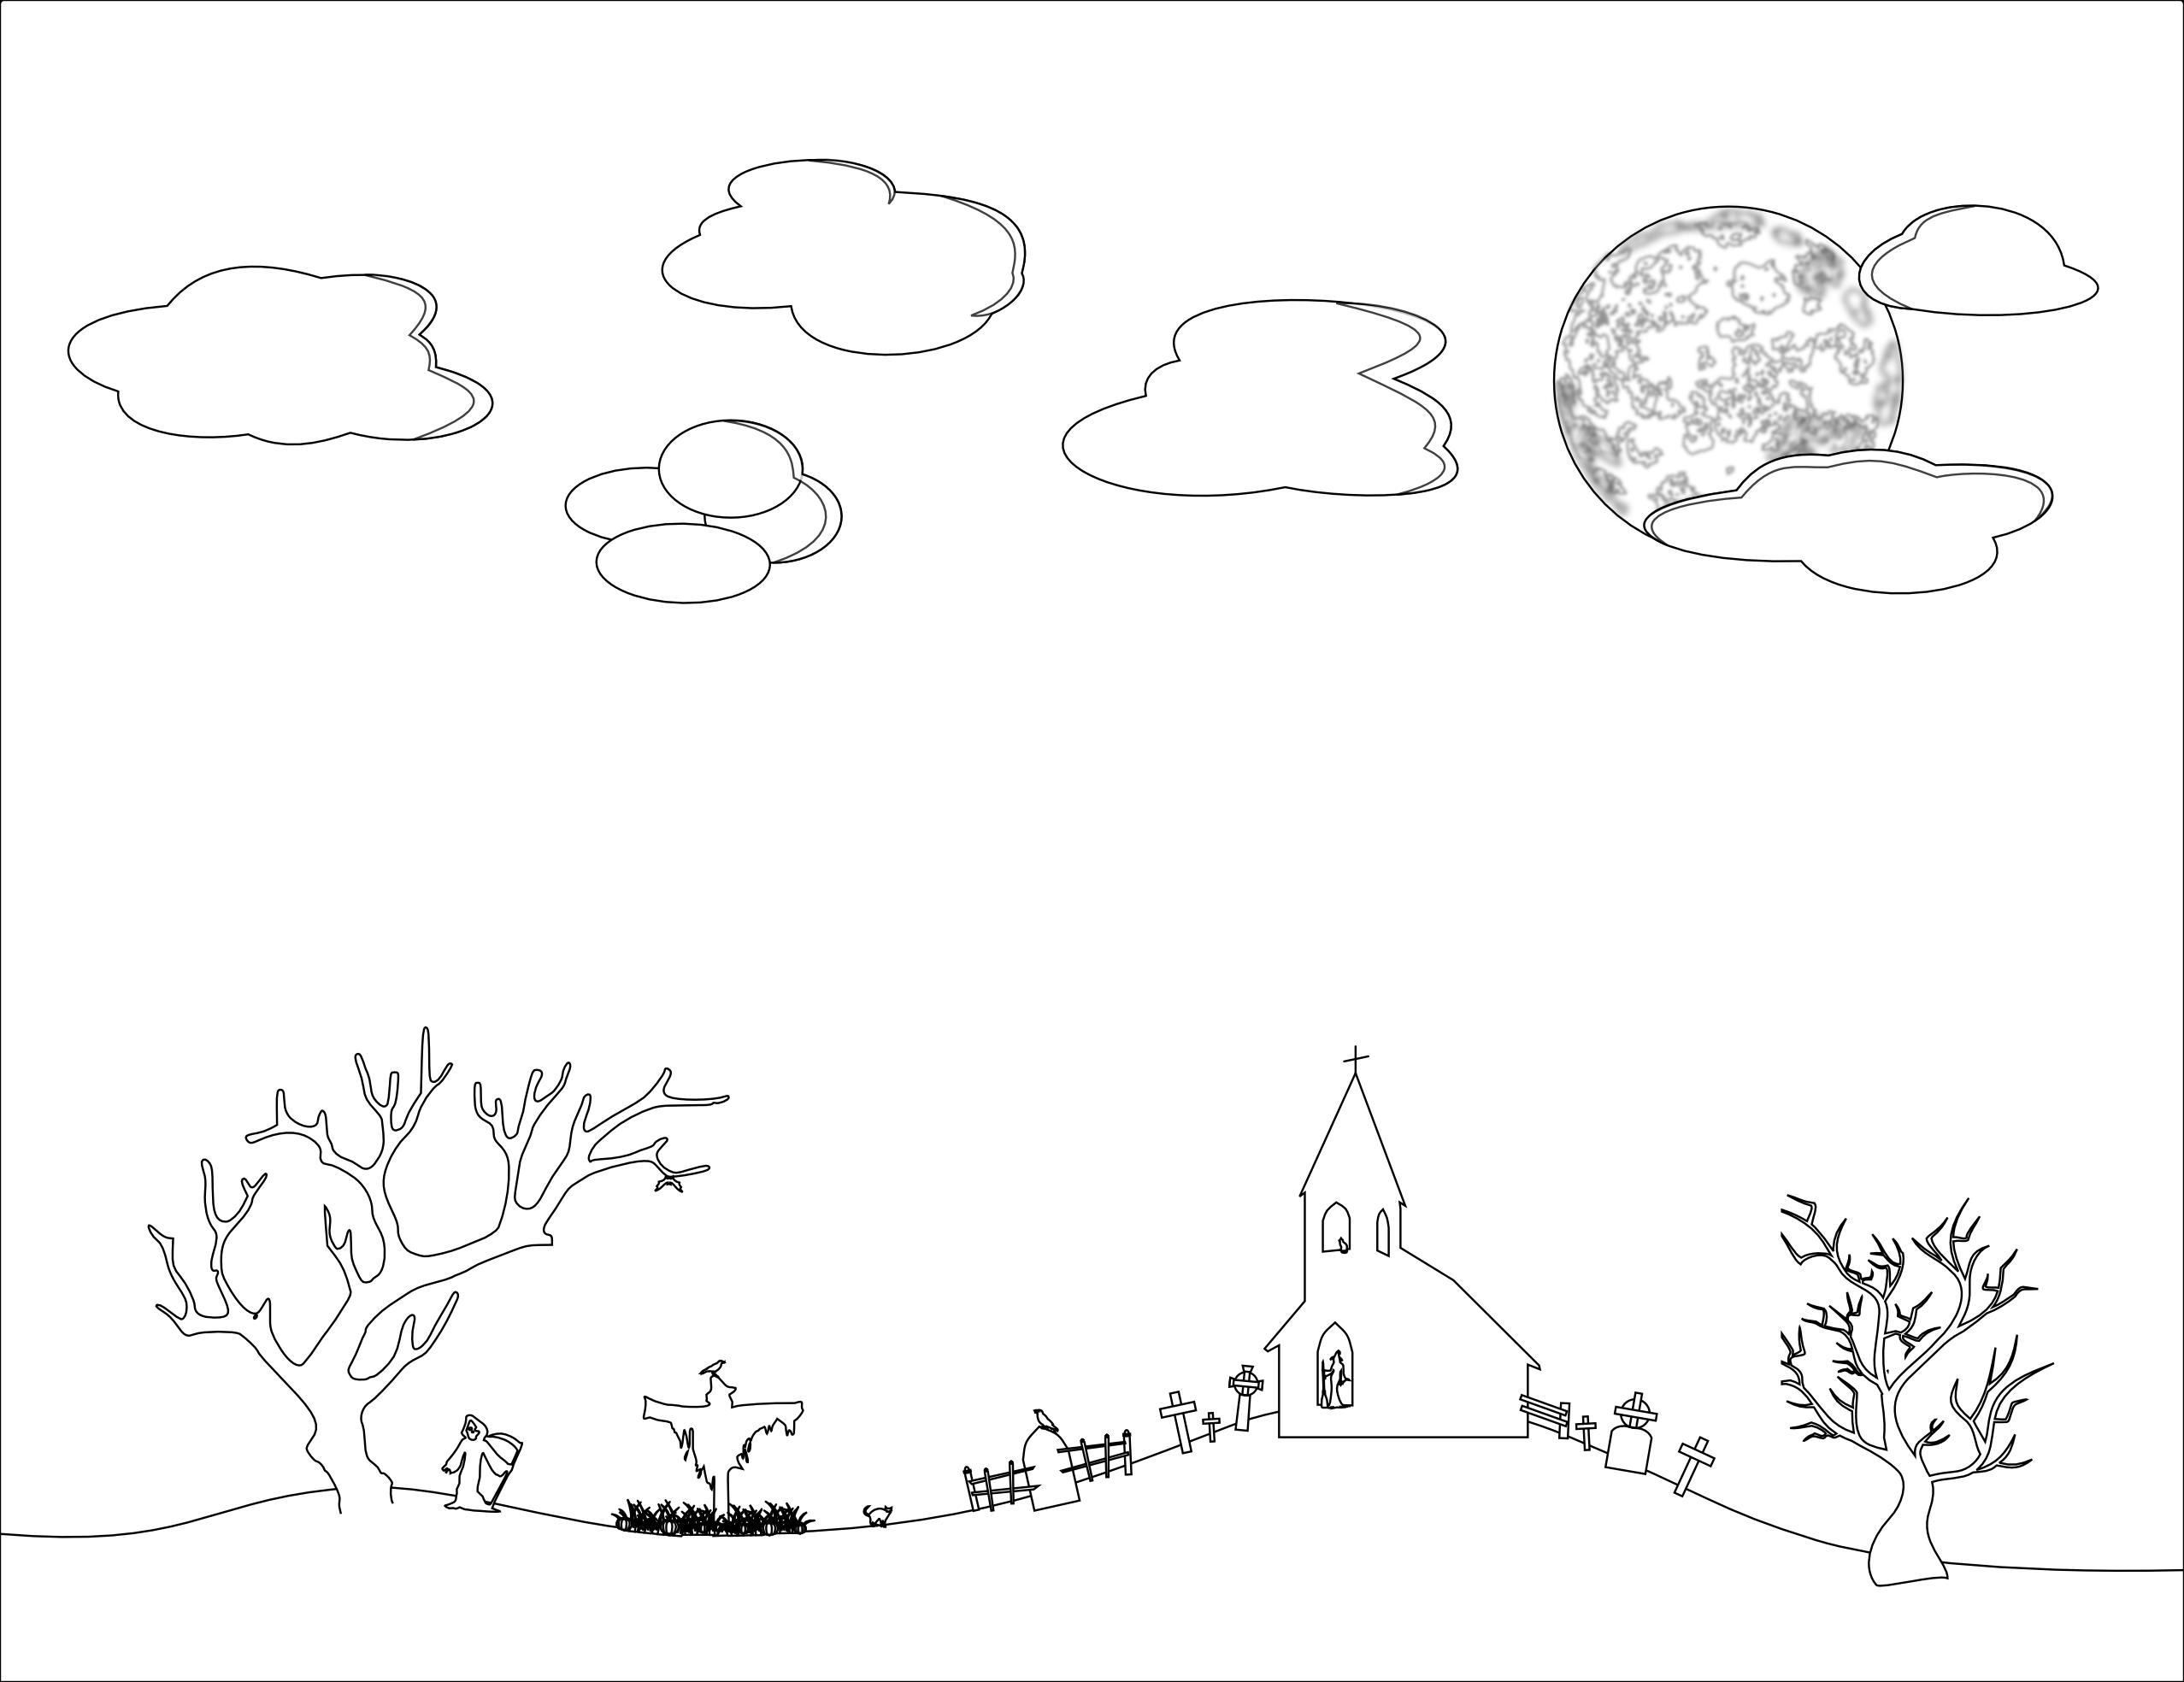 night sky coloring pages - night sky coloring pages line art coloring book 8wu9b9